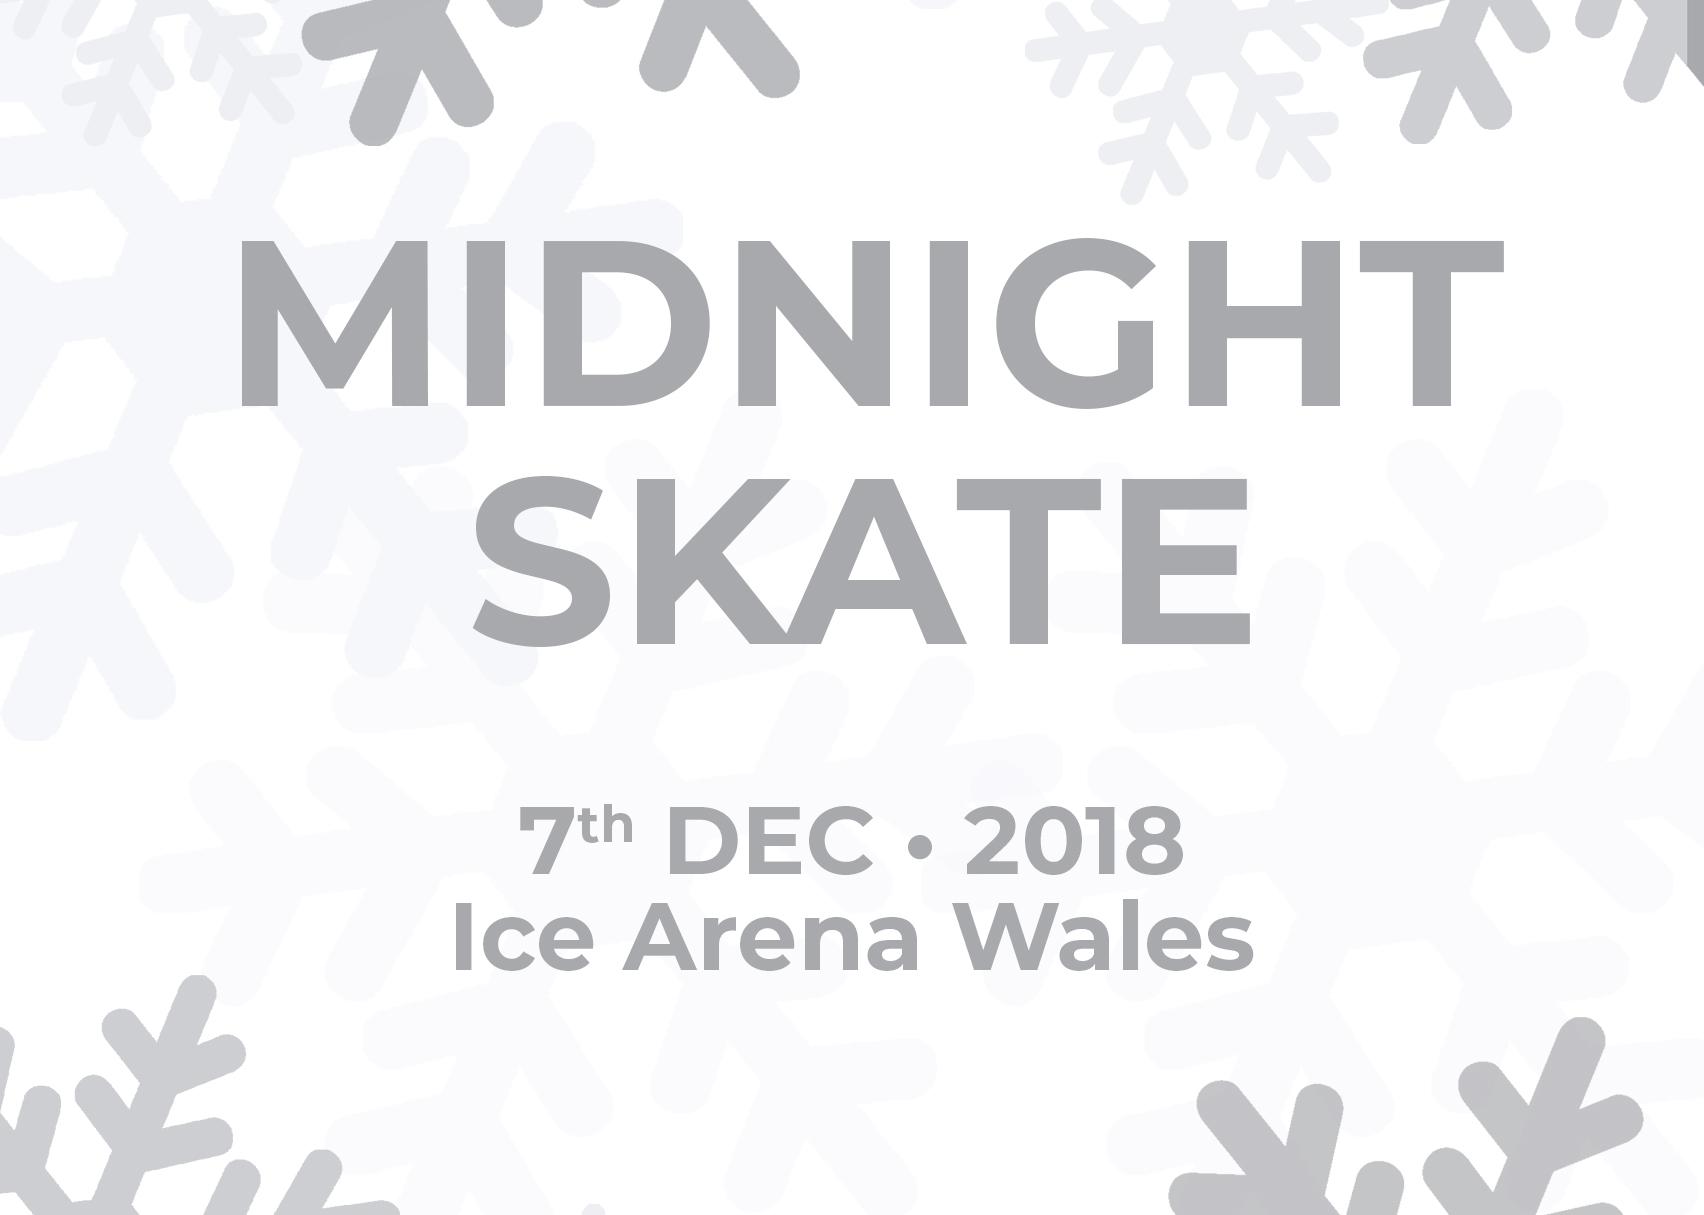 Midnight Skate 2018